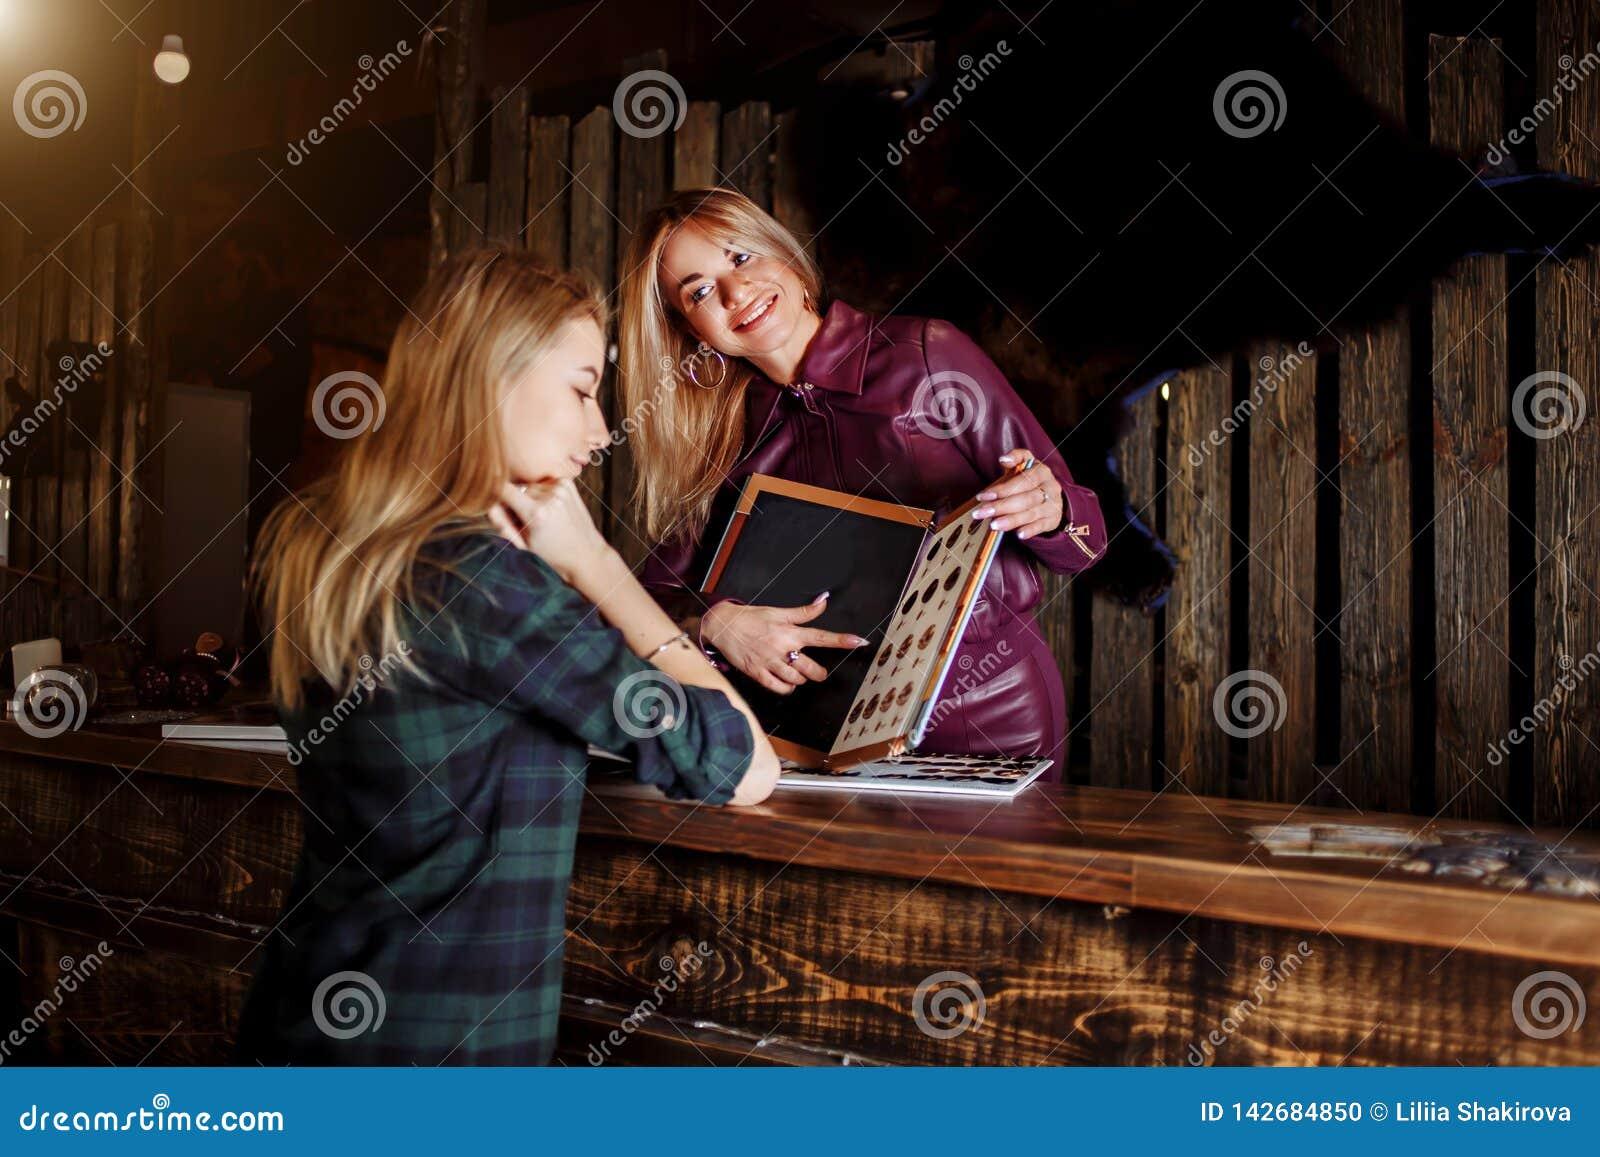 Bello amministratore femminile di bellezza e del salone di capelli con le manifestazioni di sorriso alla donna del listino prezzi